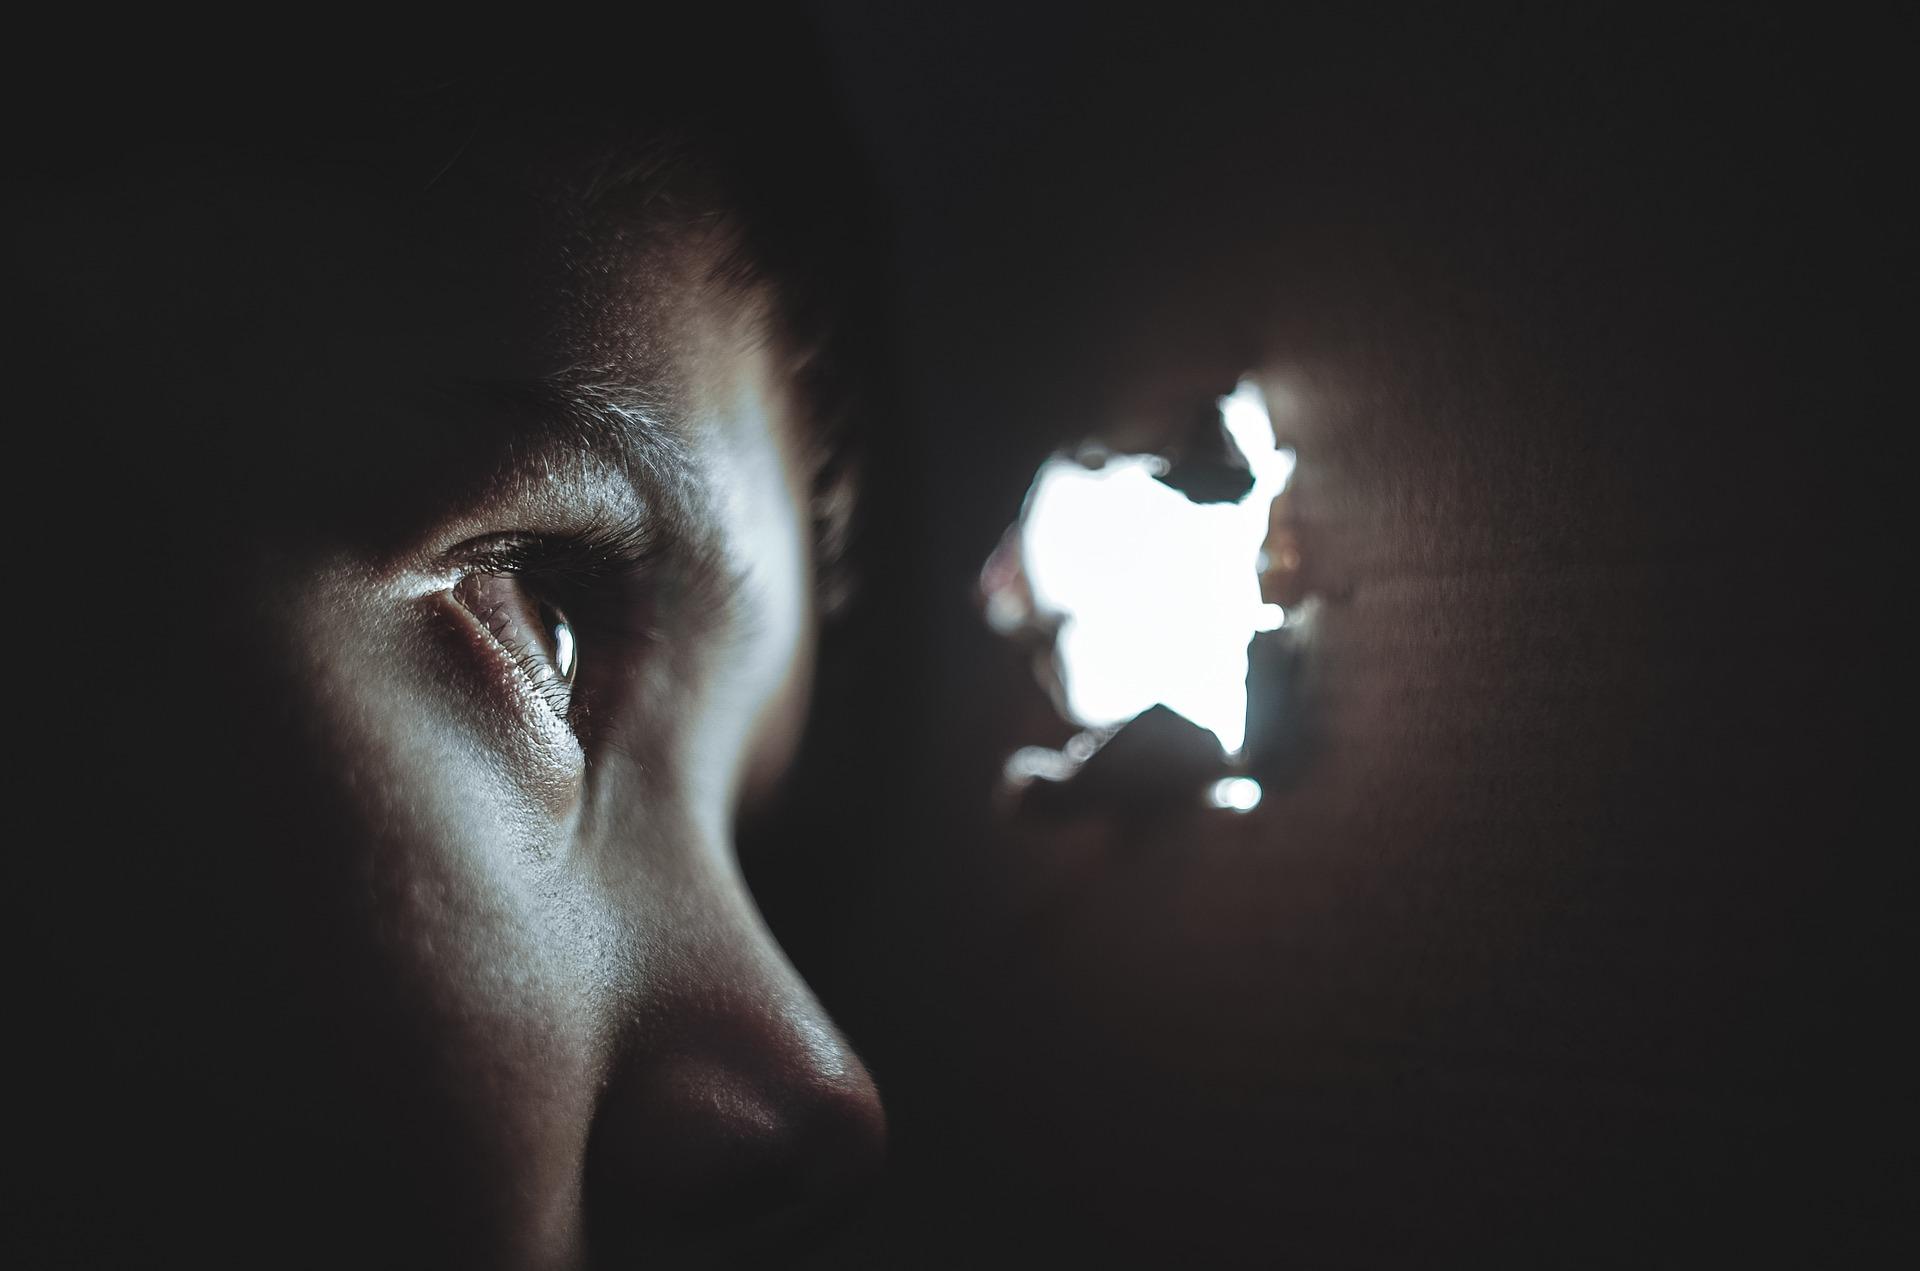 Un rapporteur de l'ONU appelle à mettre en place un moratoire sur l'utilisation des logiciels espions par les gouvernements